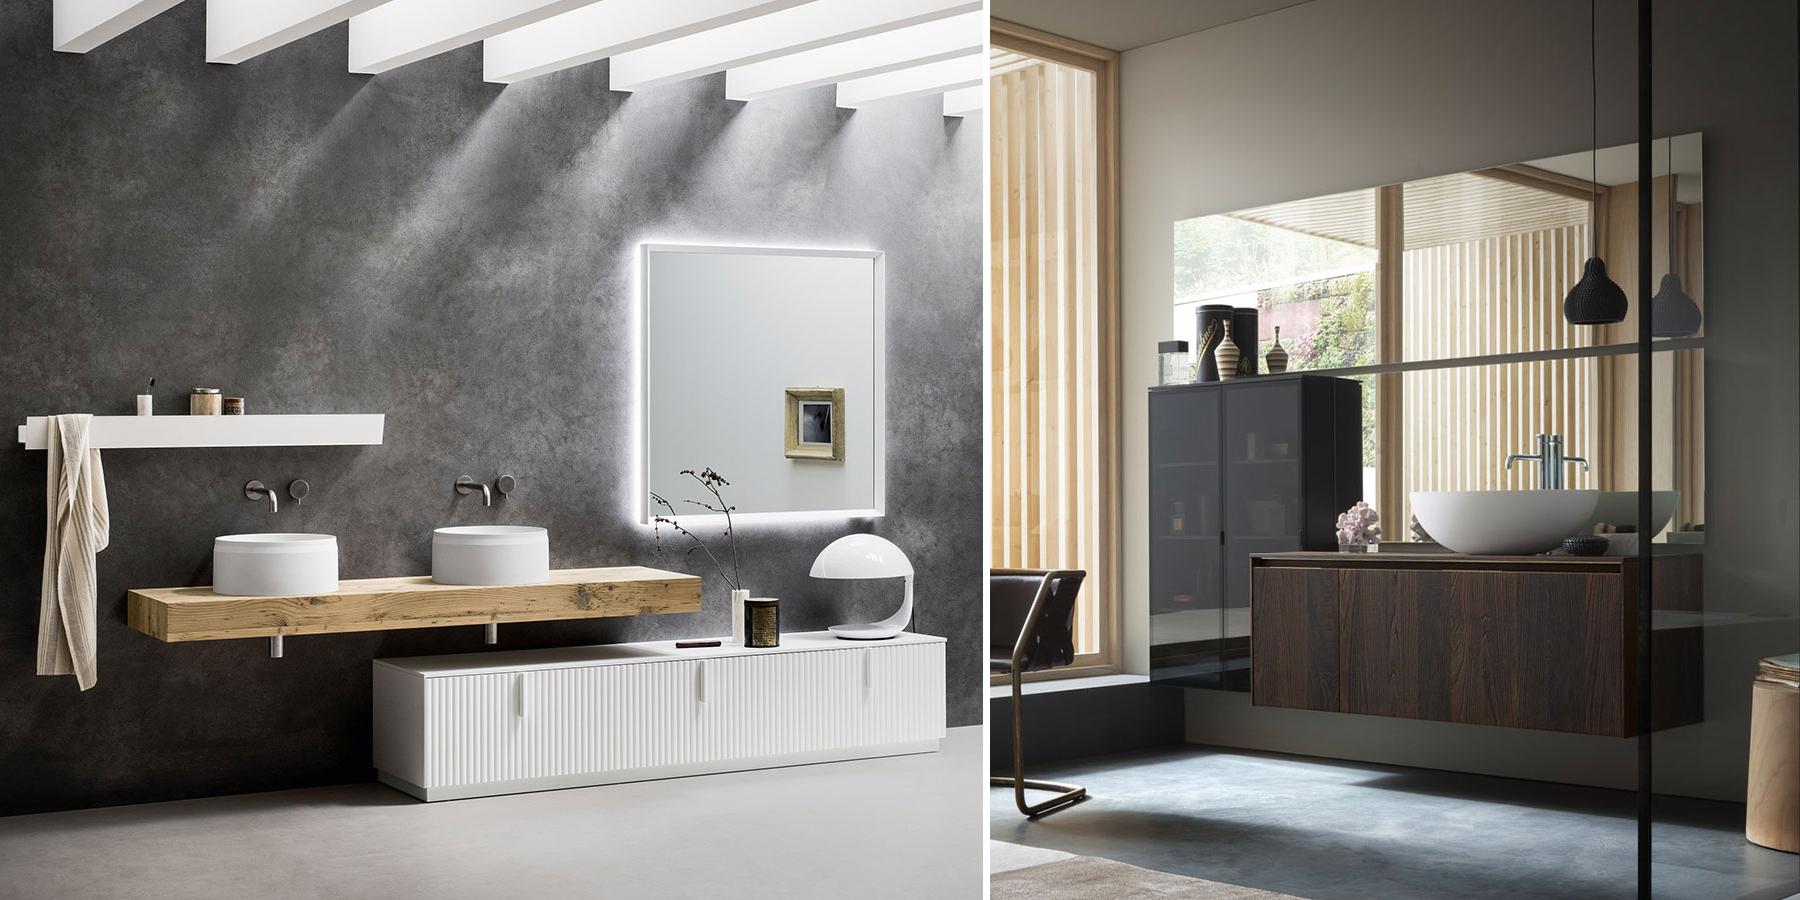 Arredo bagno, mobili sospesi: perché sceglierli?